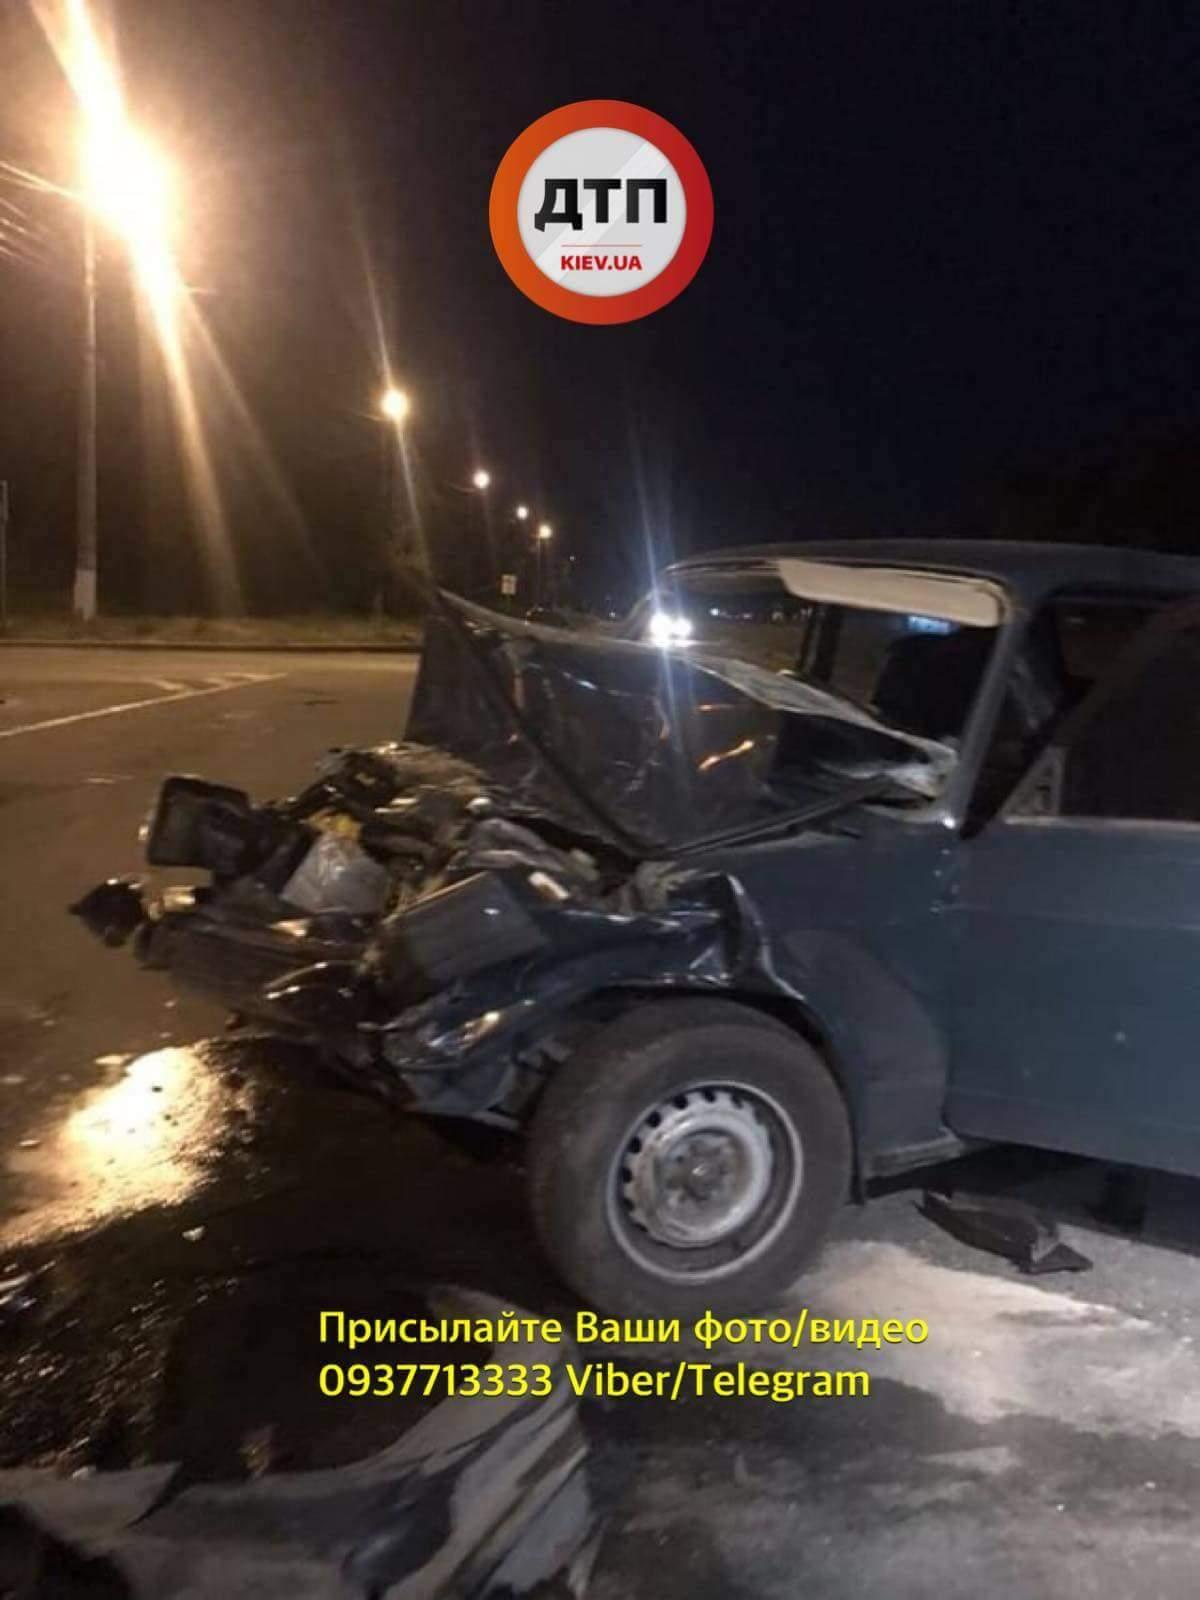 В Броварах в результате столкновения двух автомобилей, пострадавших извлекали из машины с помощью спецтехники (фото)